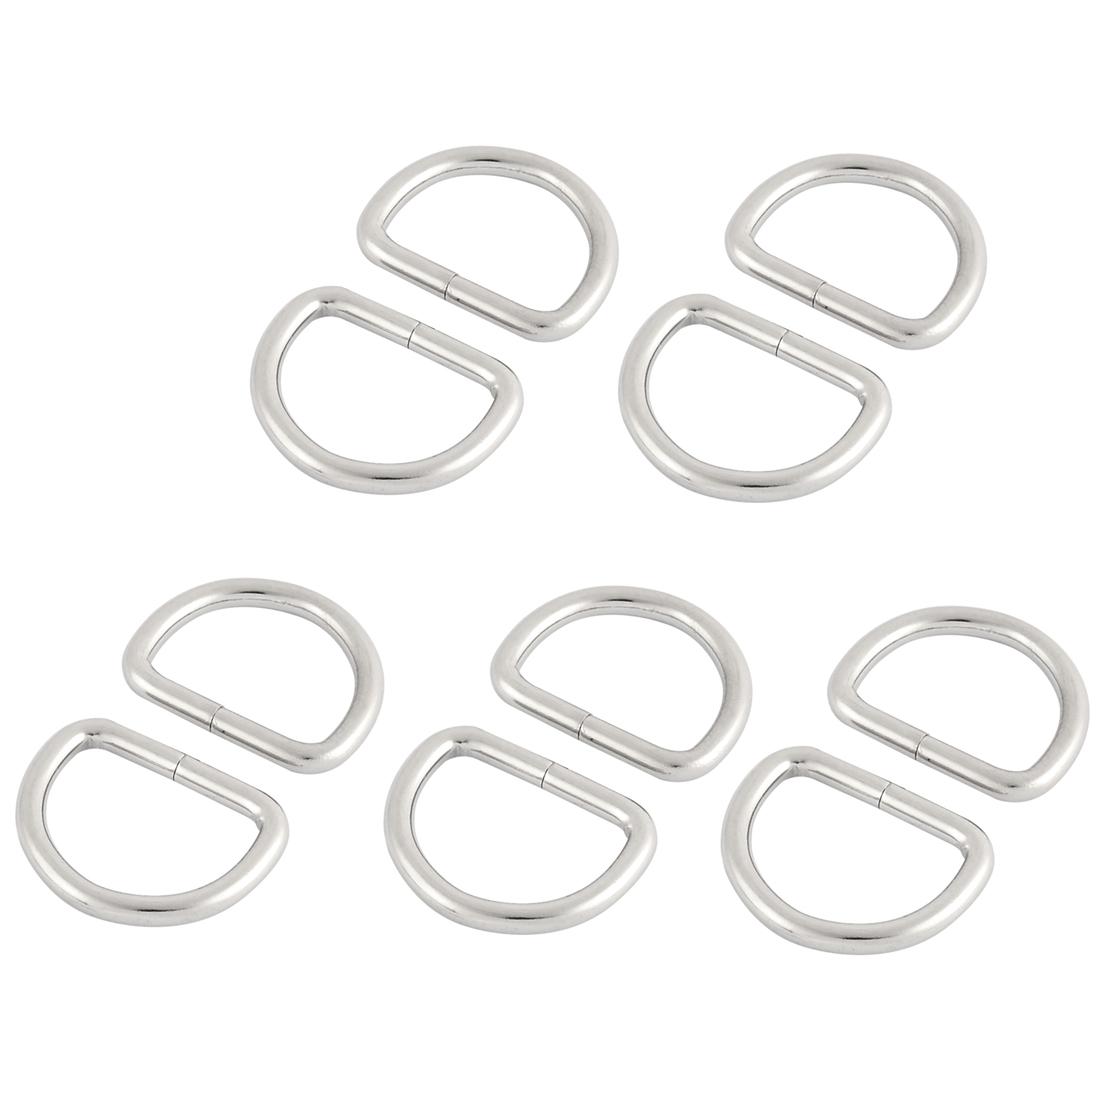 Metal Handbag Belt Buckles Ring D Shaped Hooks Sliver Tone 10pcs for 2.5cm Straps